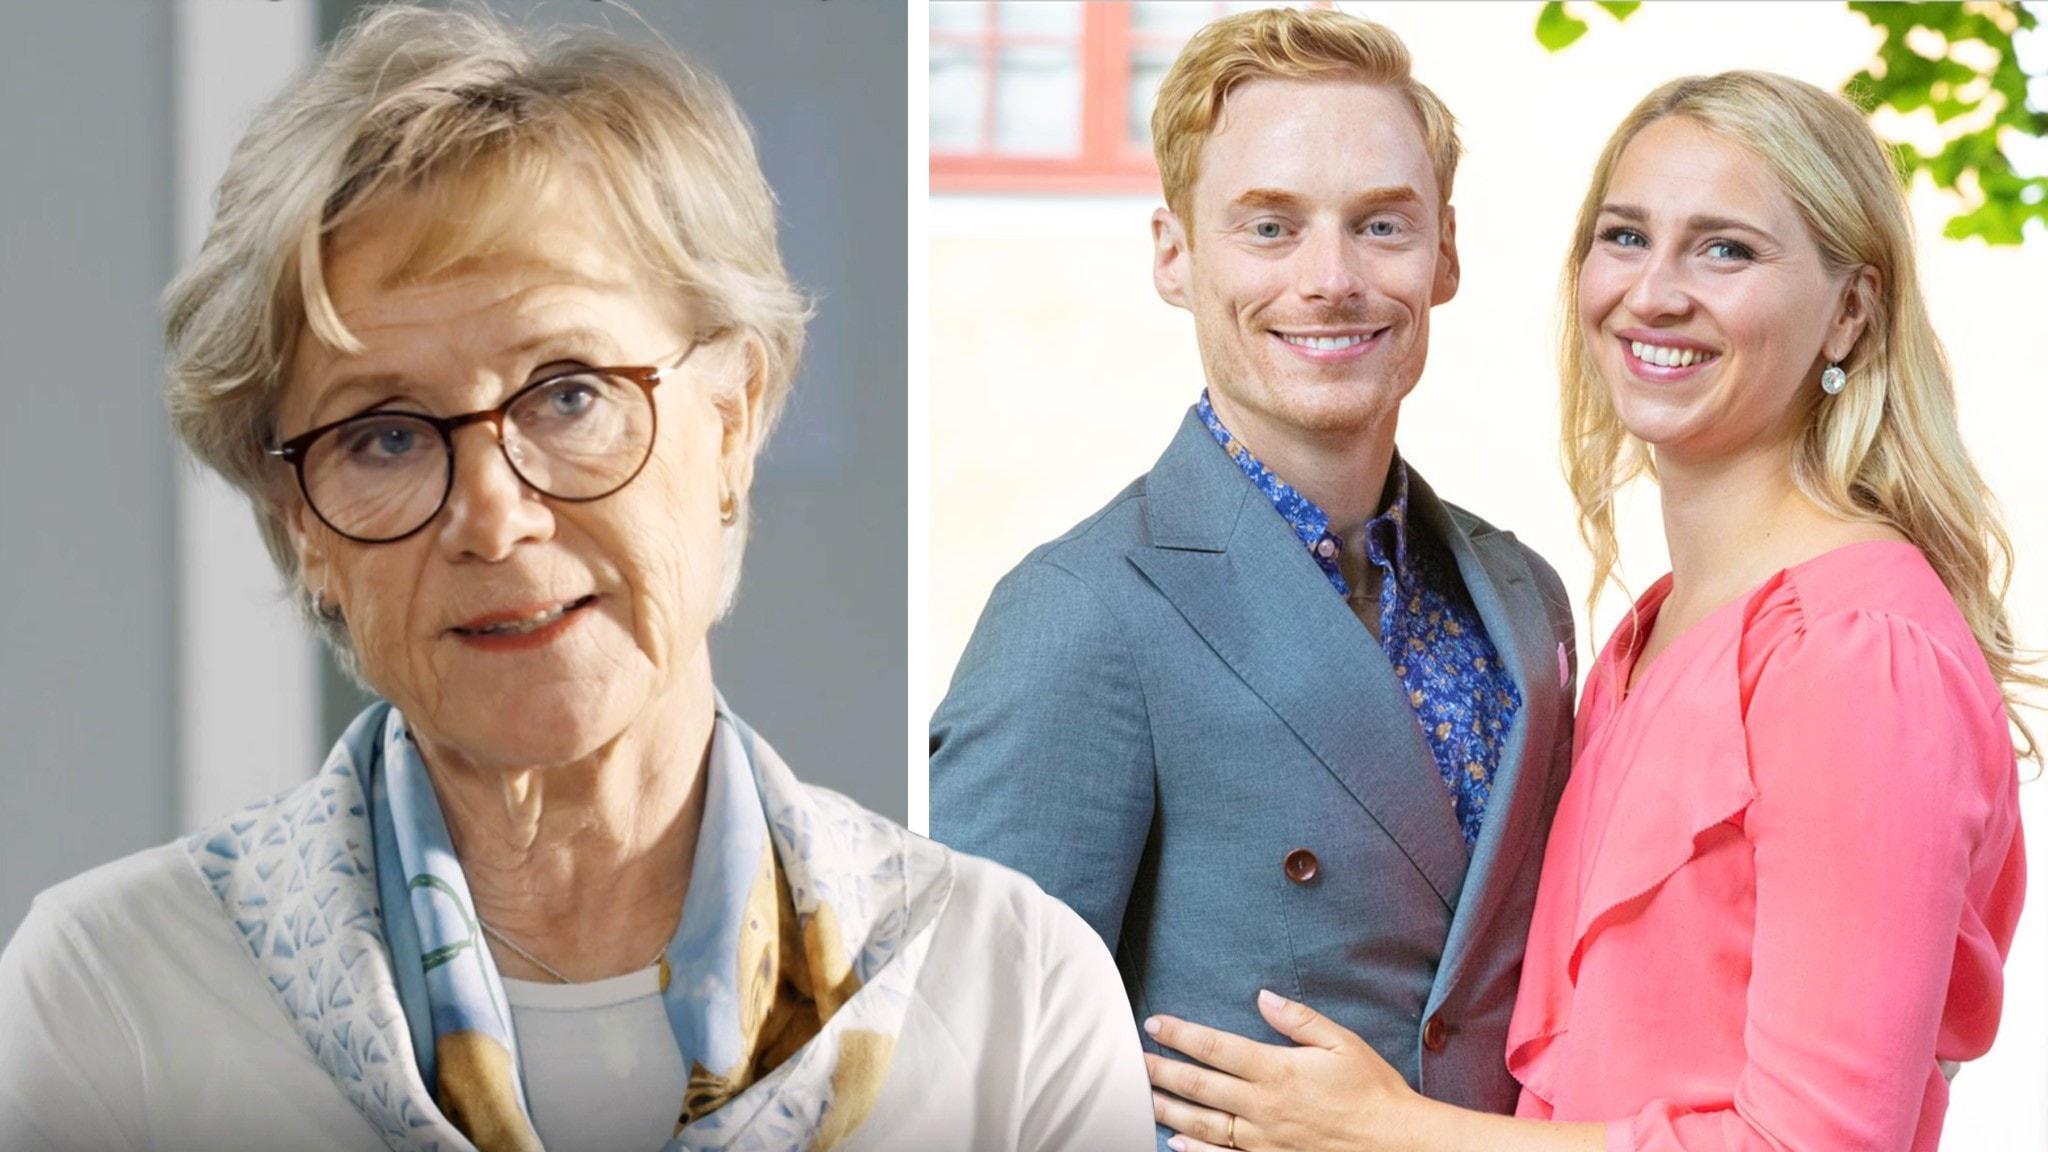 Ett montage med en bild på experten Satu Hirsch Fjellstedt från Gift vid första ögonkastet och en bild på paret Lars och Elinor.